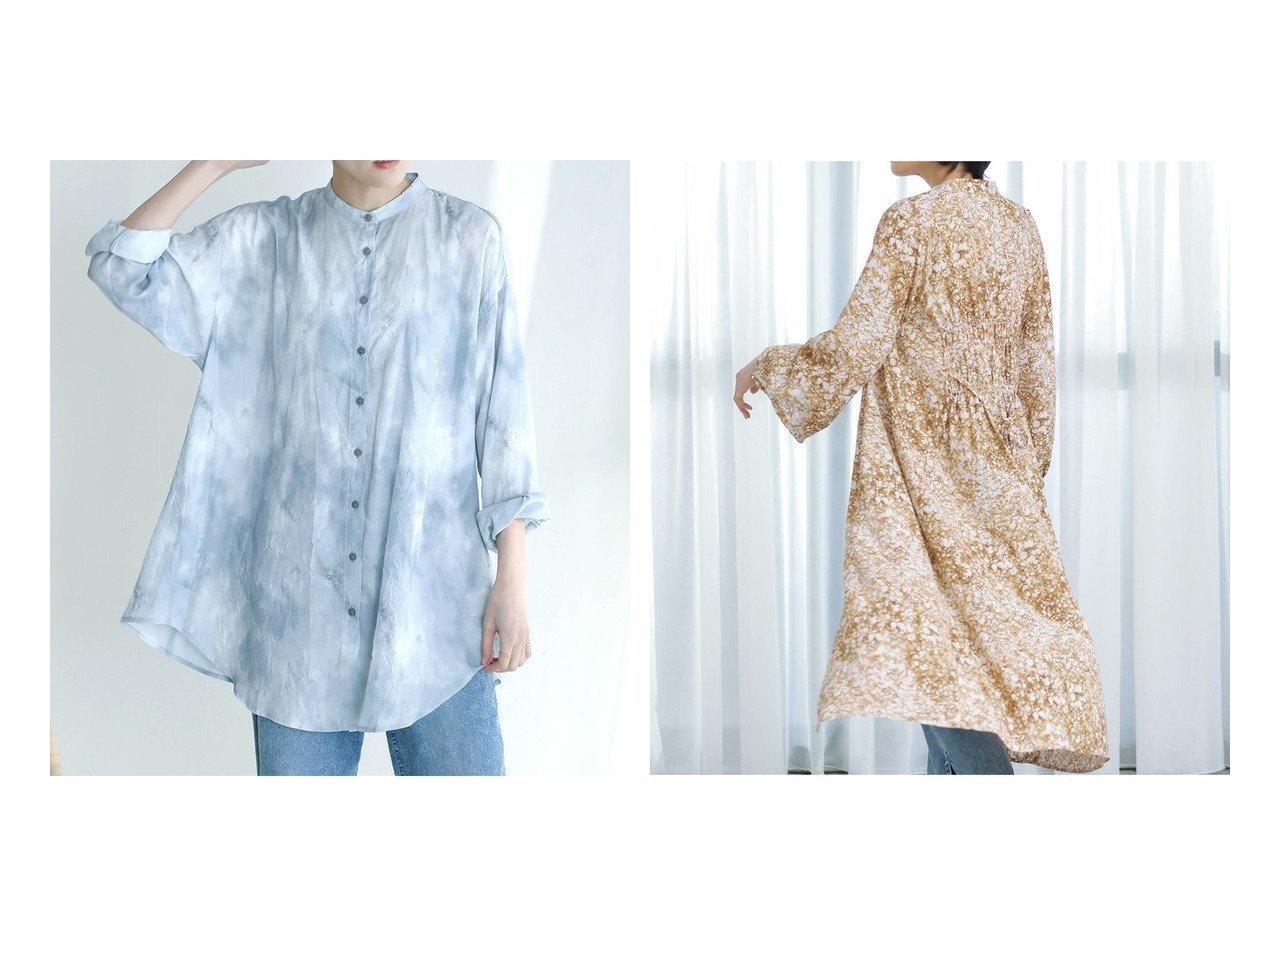 【Bou Jeloud/ブージュルード】のタイダイぼかし柄バックタックブラウス&フローラルバックシャーリングワンピース おすすめ!人気!プチプライスで上品なファッションアイテムの通販  おすすめで人気の流行・トレンド、ファッションの通販商品 メンズファッション・キッズファッション・インテリア・家具・レディースファッション・服の通販 founy(ファニー) https://founy.com/ ファッション Fashion レディースファッション WOMEN トップス カットソー Tops Tshirt シャツ/ブラウス Shirts Blouses バッグ Bag ワンピース Dress S/S 春夏 SS Spring/Summer おすすめ Recommend スリット タートルネック ダブル プチプライス・低価格 Affordable ボトム ワイド 今季 春 Spring 羽織 カーディガン シャーリング デニム ペチコート |ID:crp329100000021361